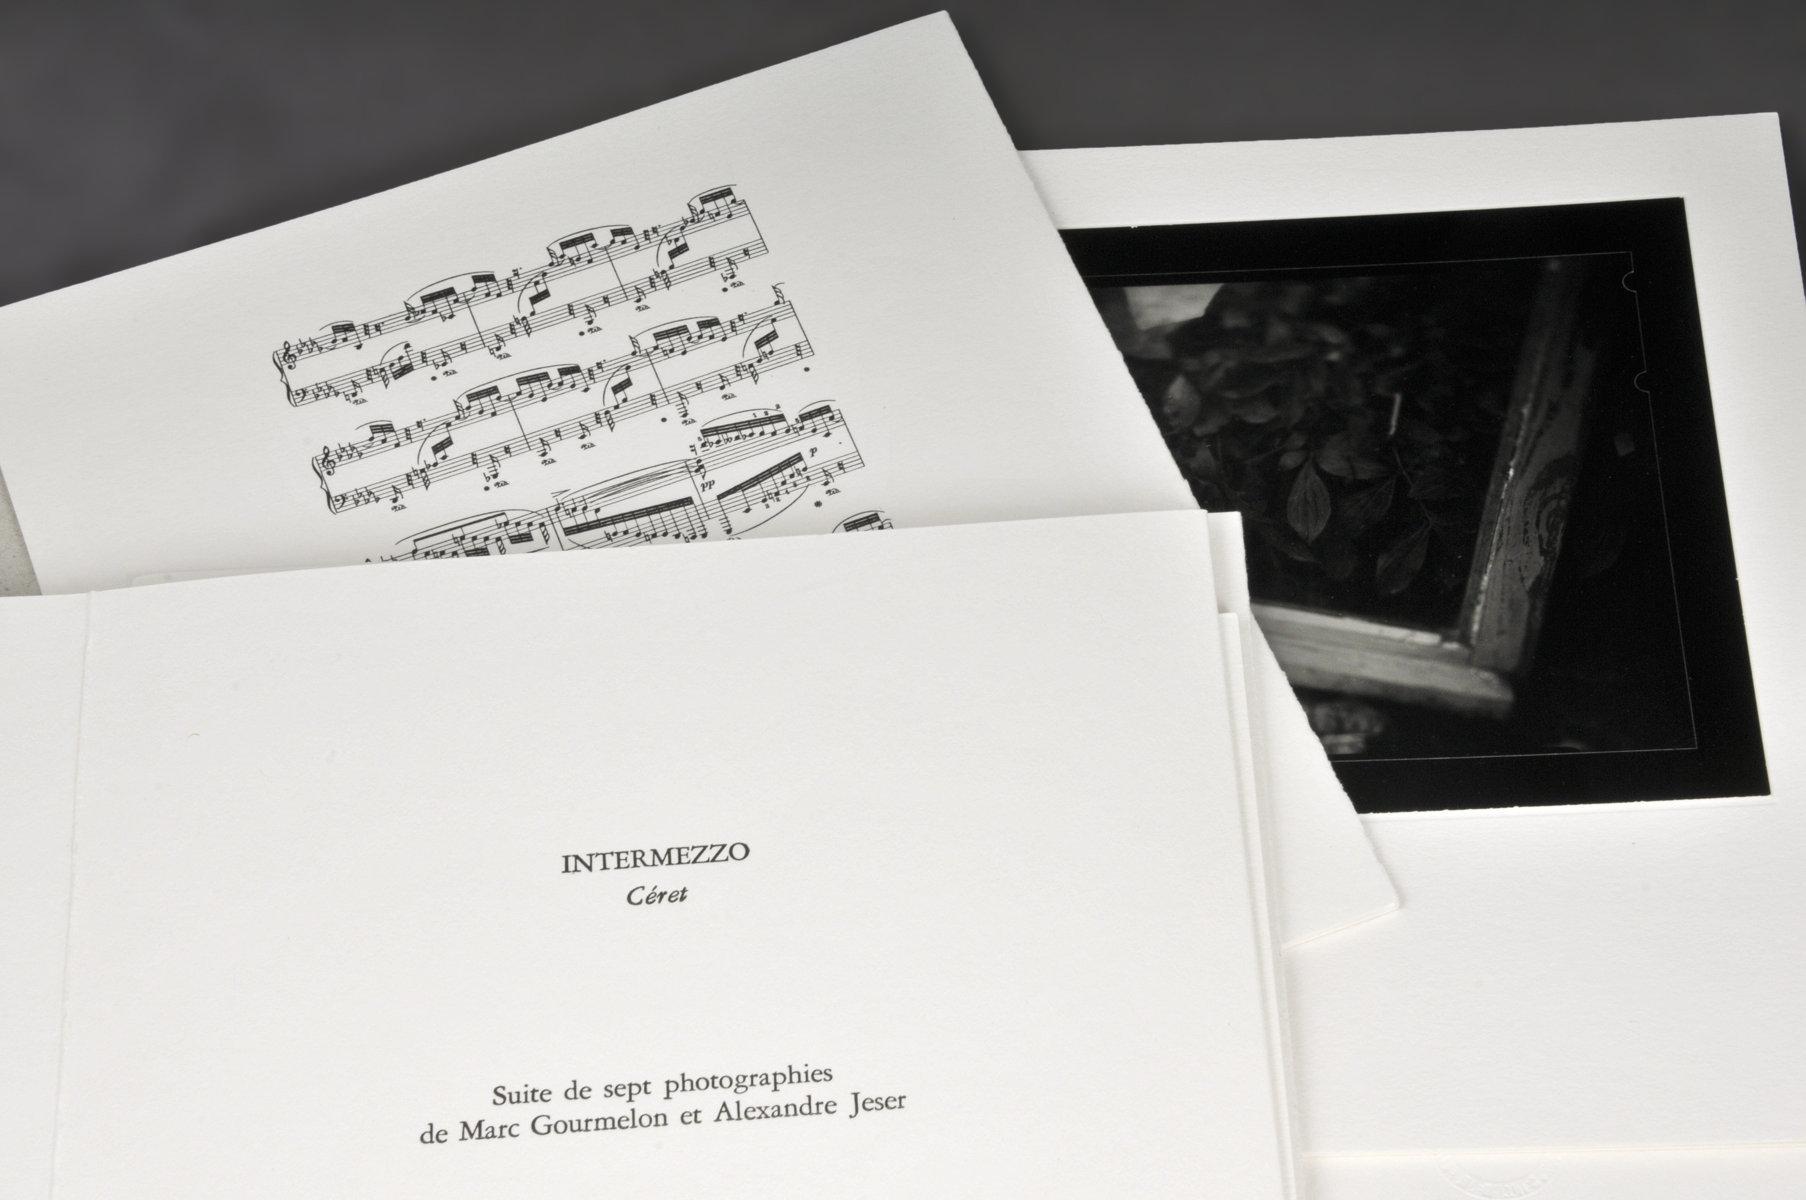 Intermezzo : mis en musique par l'opus 117 n ̊ 2 de Brahms : suite de sept photographies | Gourmelon, Marc (1968-....). Auteur